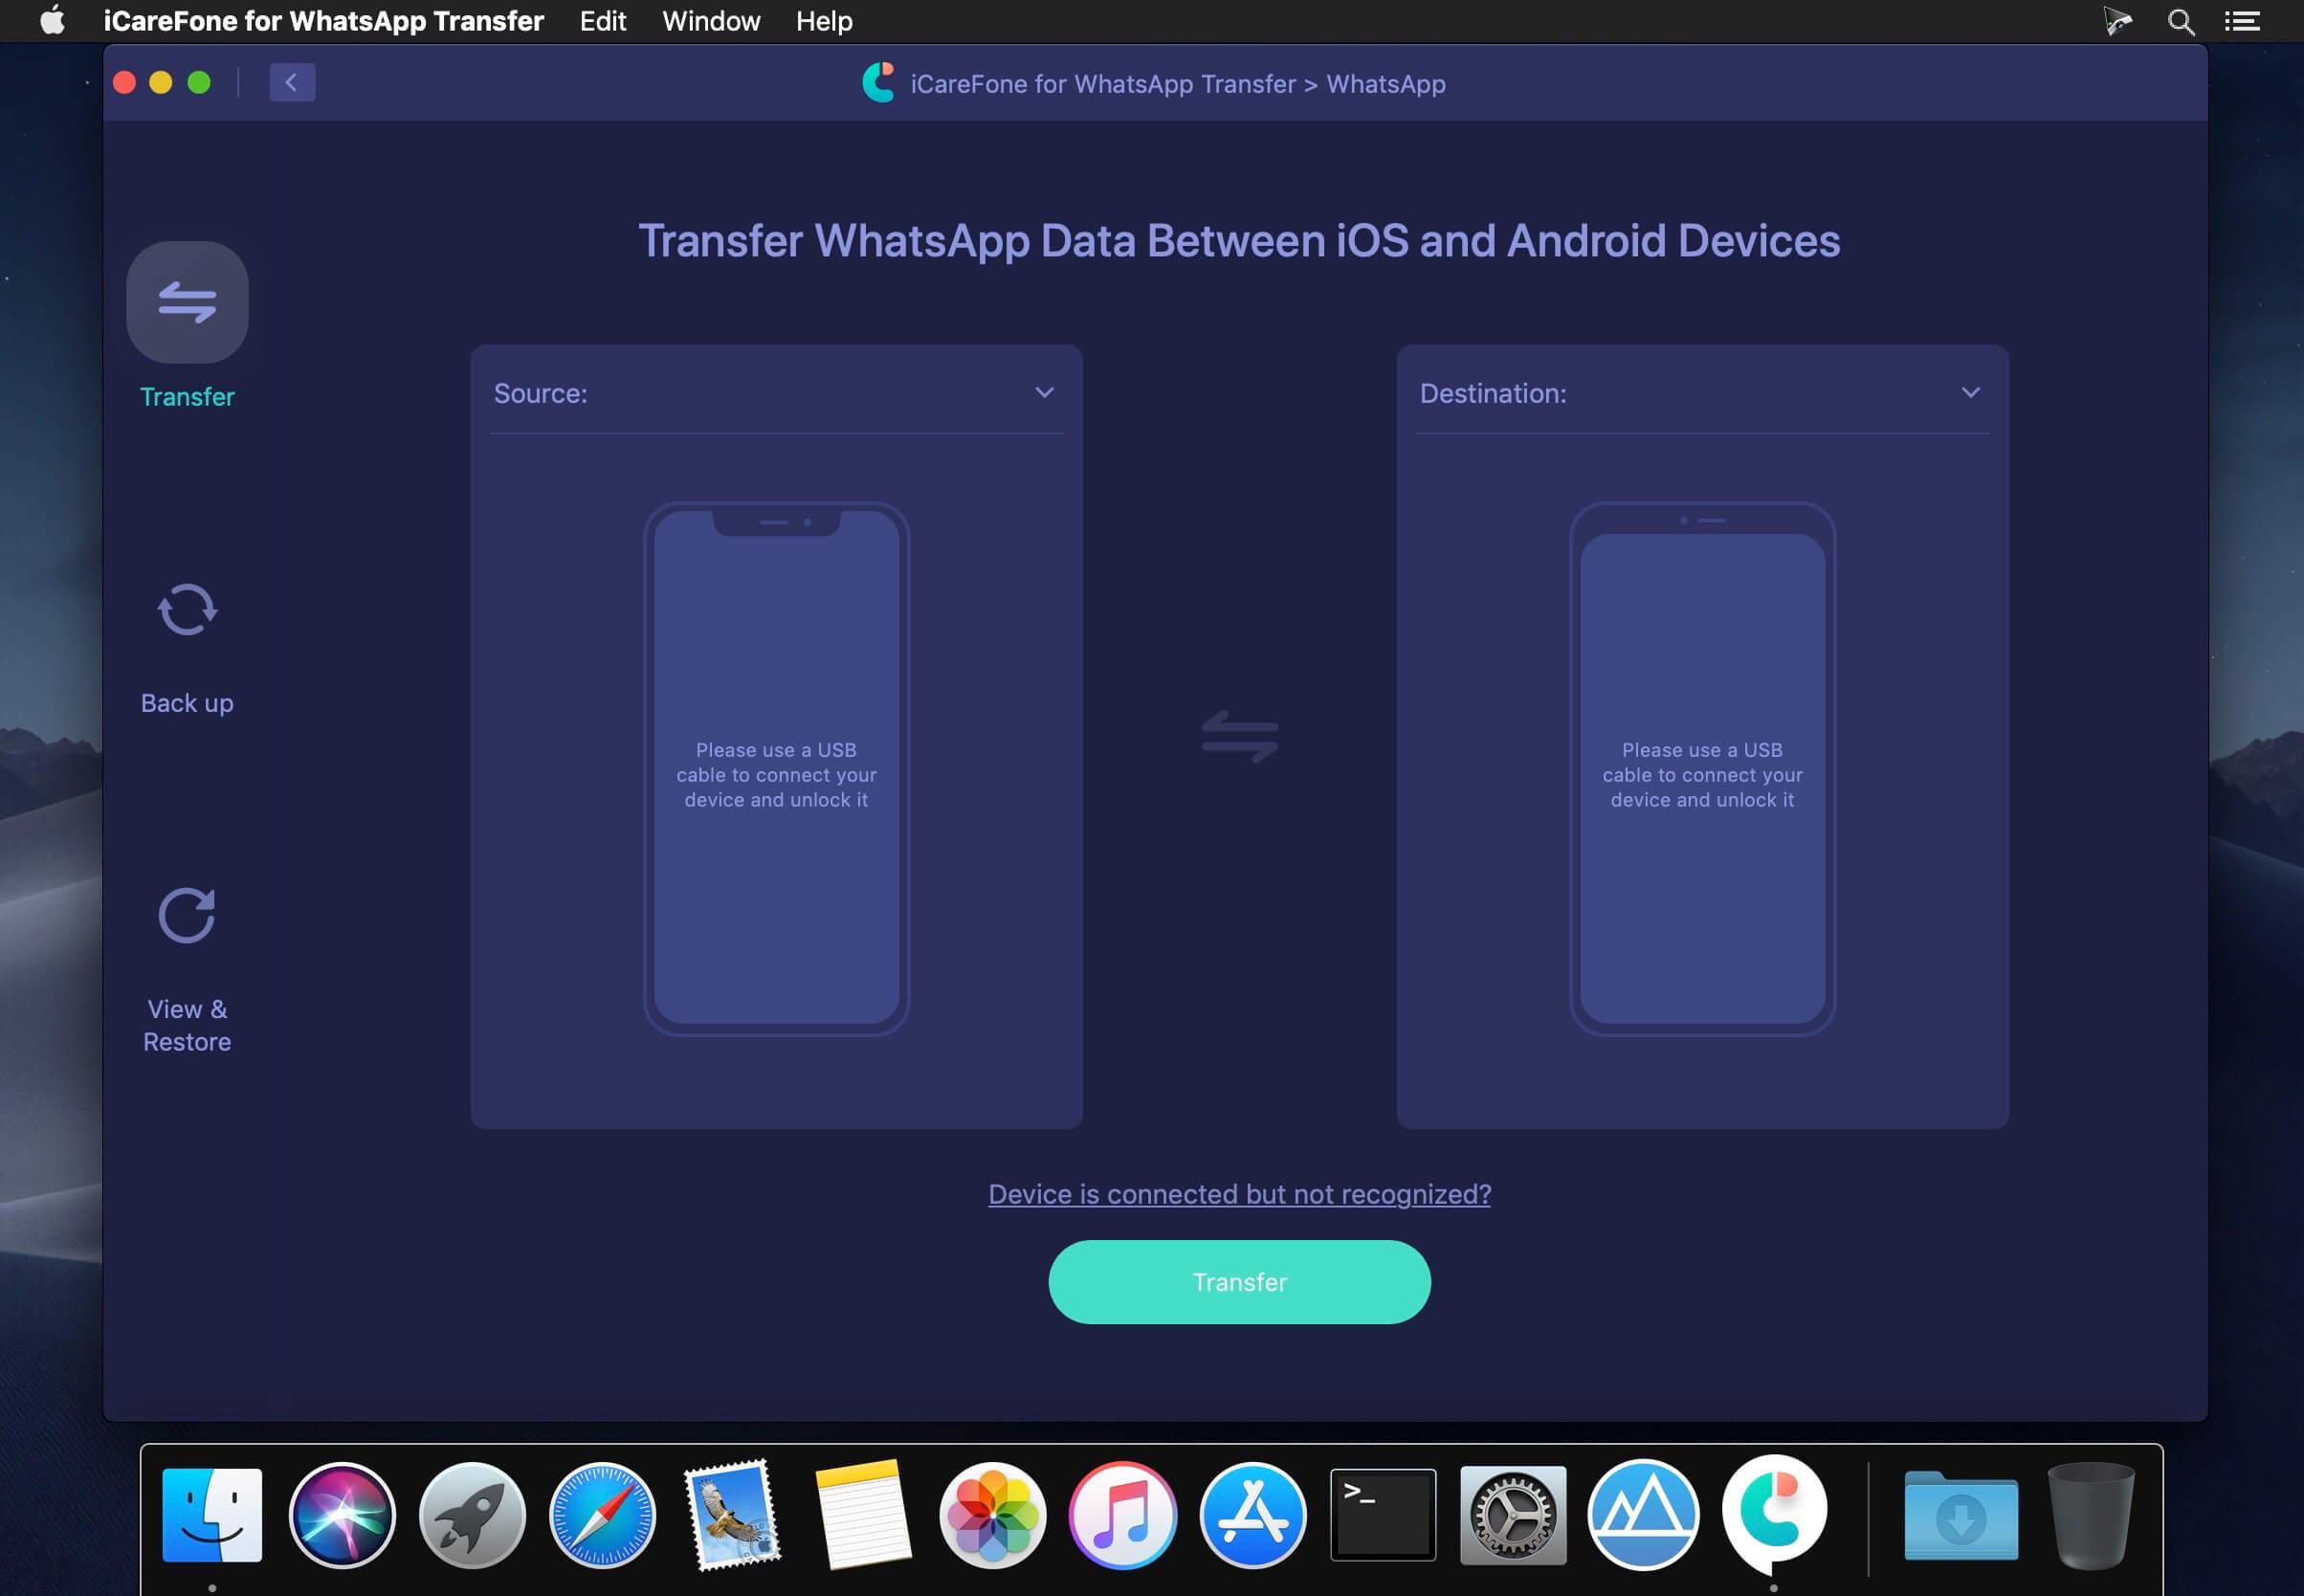 Tenorshare-iCareFone-WhatsApp-Transfer-2.2.0.1